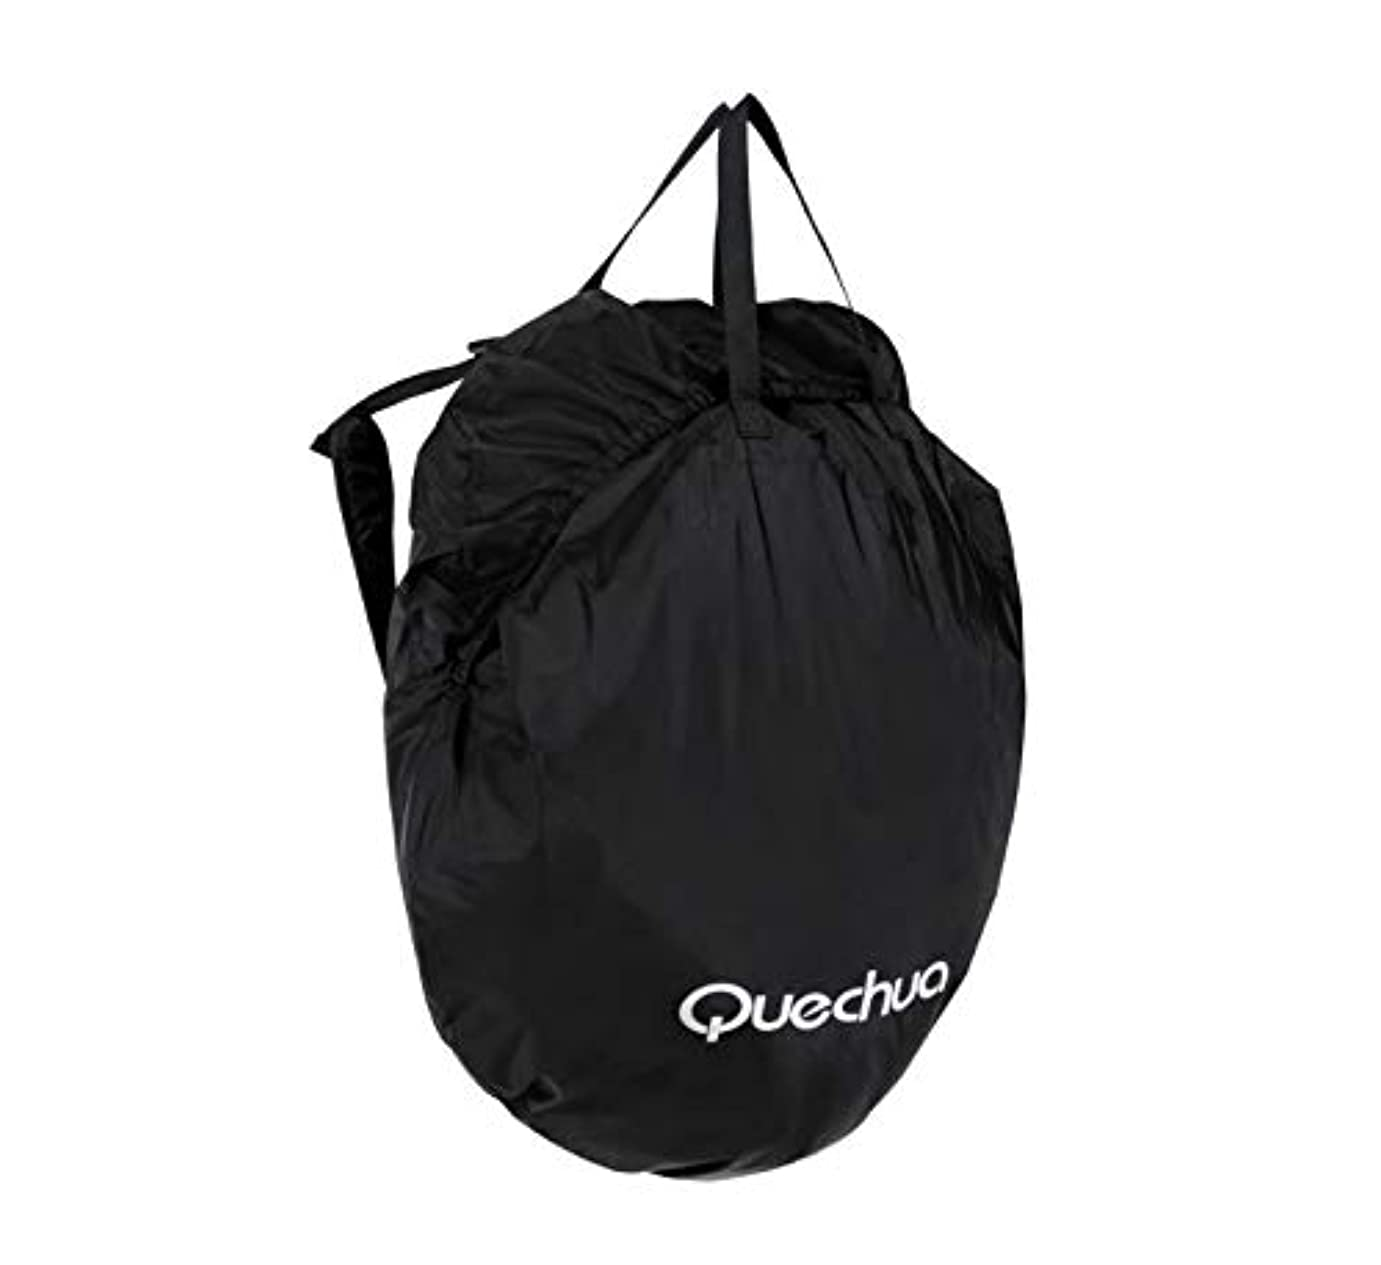 閉じるシエスタ会計士Quechua テント用キャリーバッグ セカンドブラック